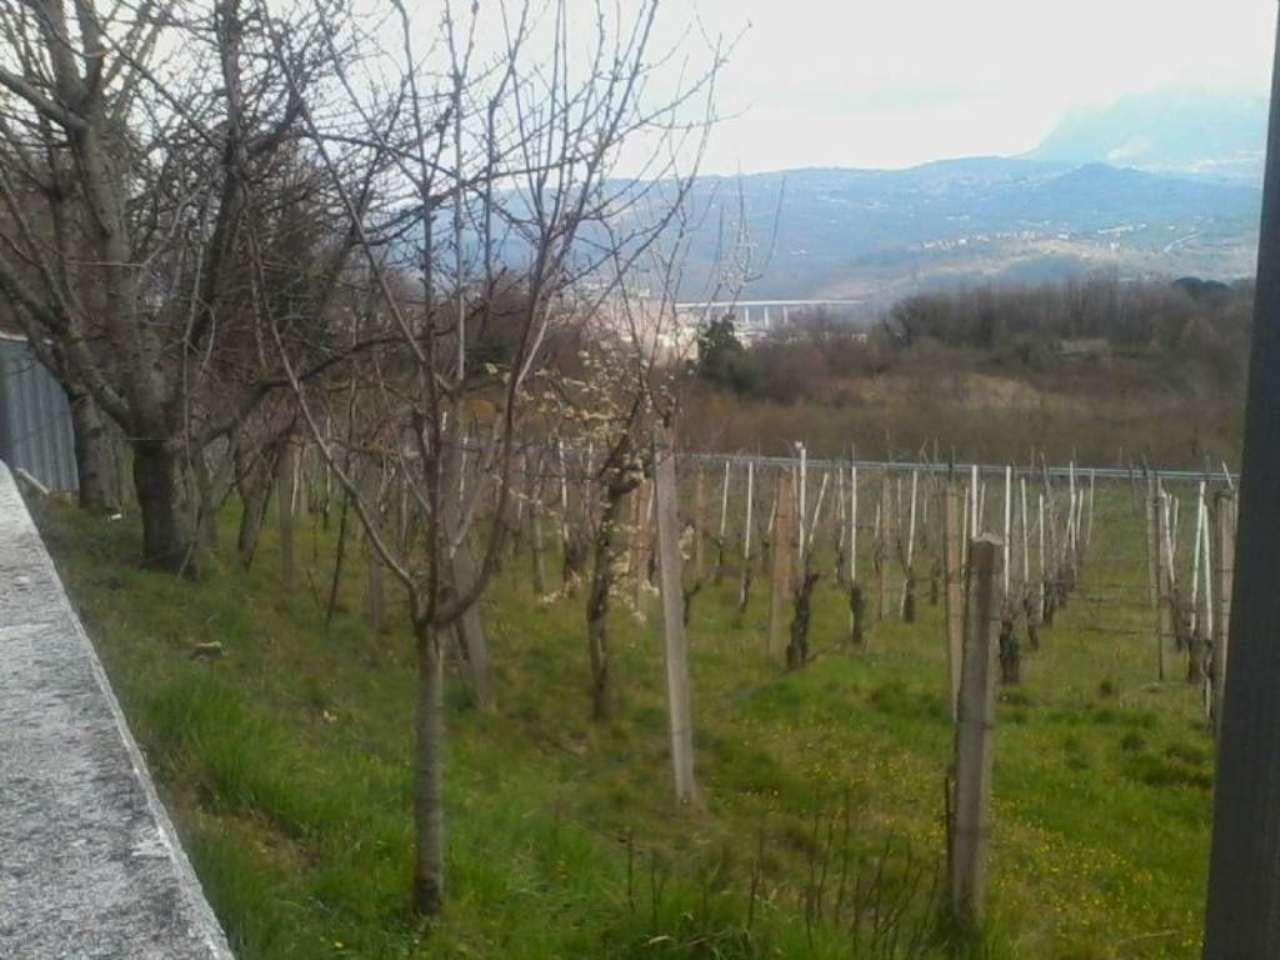 Bilocale Prata di Principato Ultra Via Localita' Cellaro 12